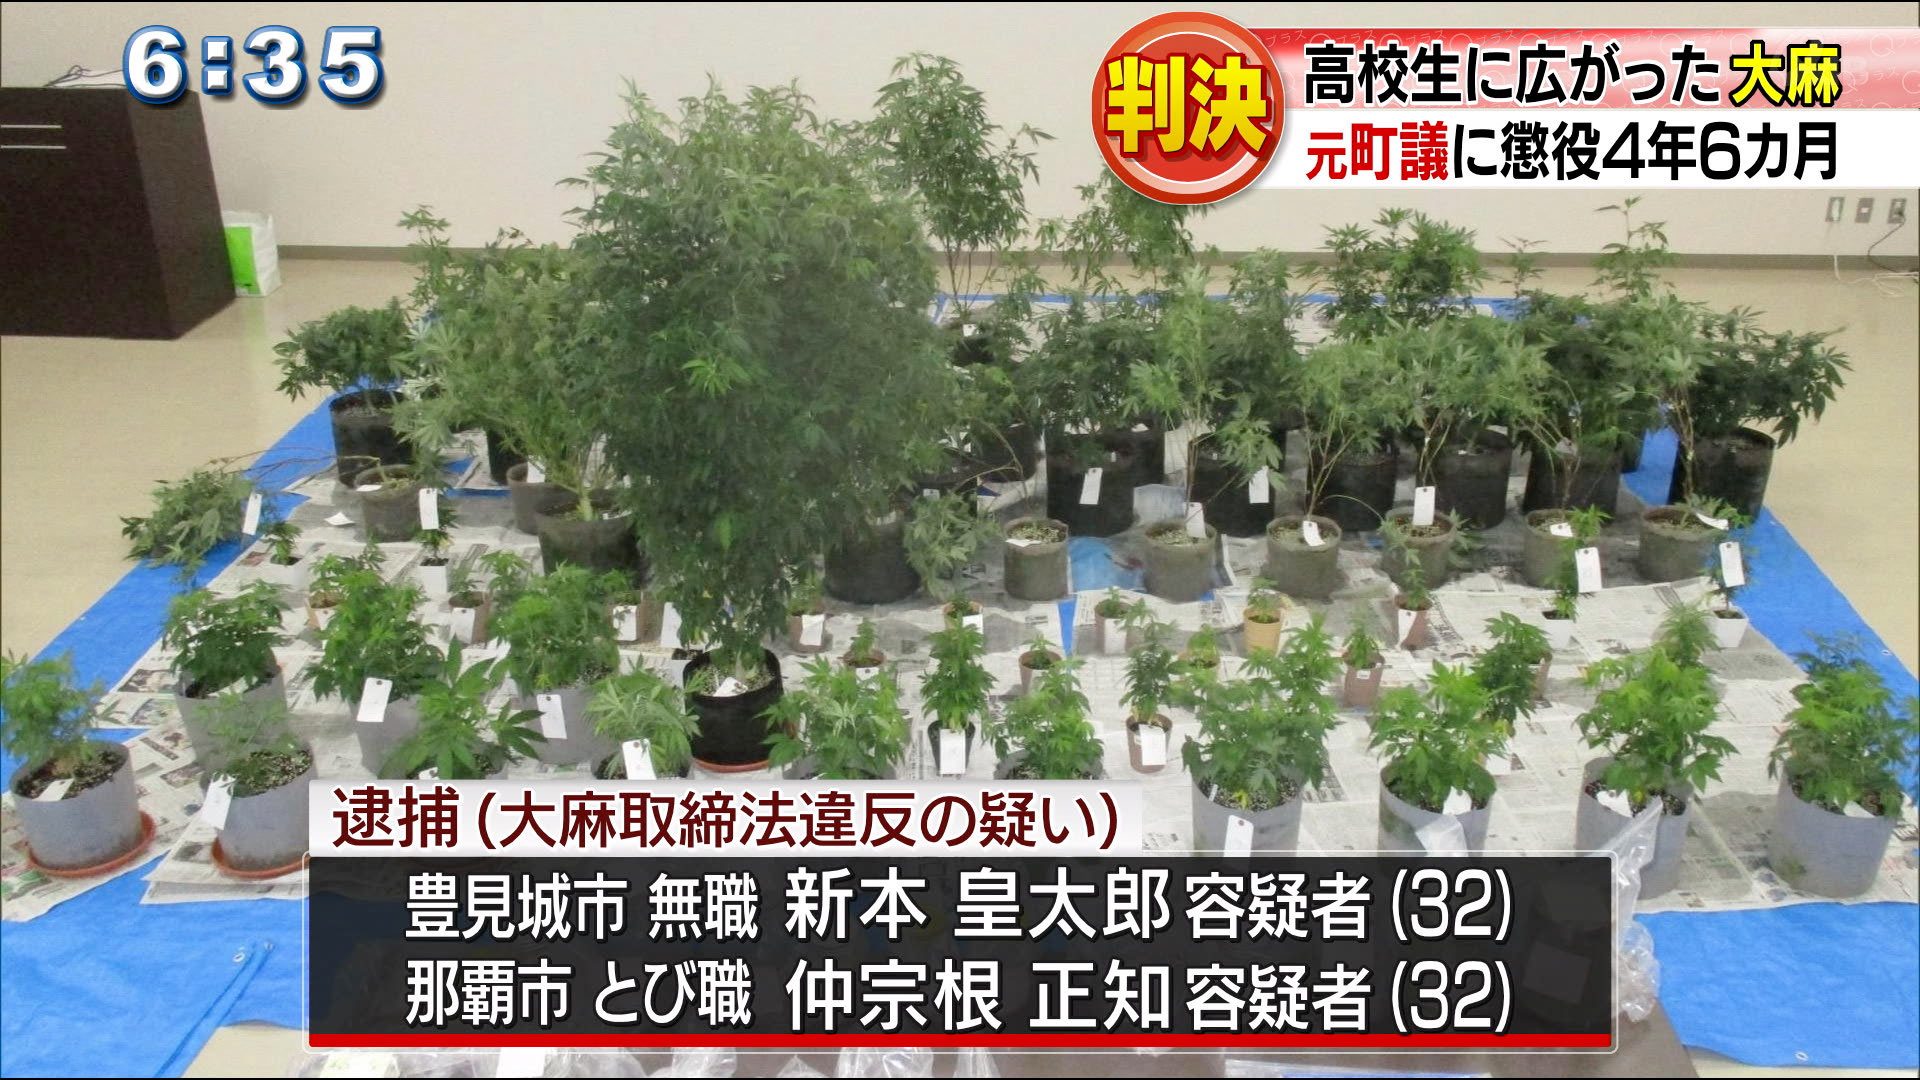 大麻譲渡 福岡県の元町議に懲役4年6カ月